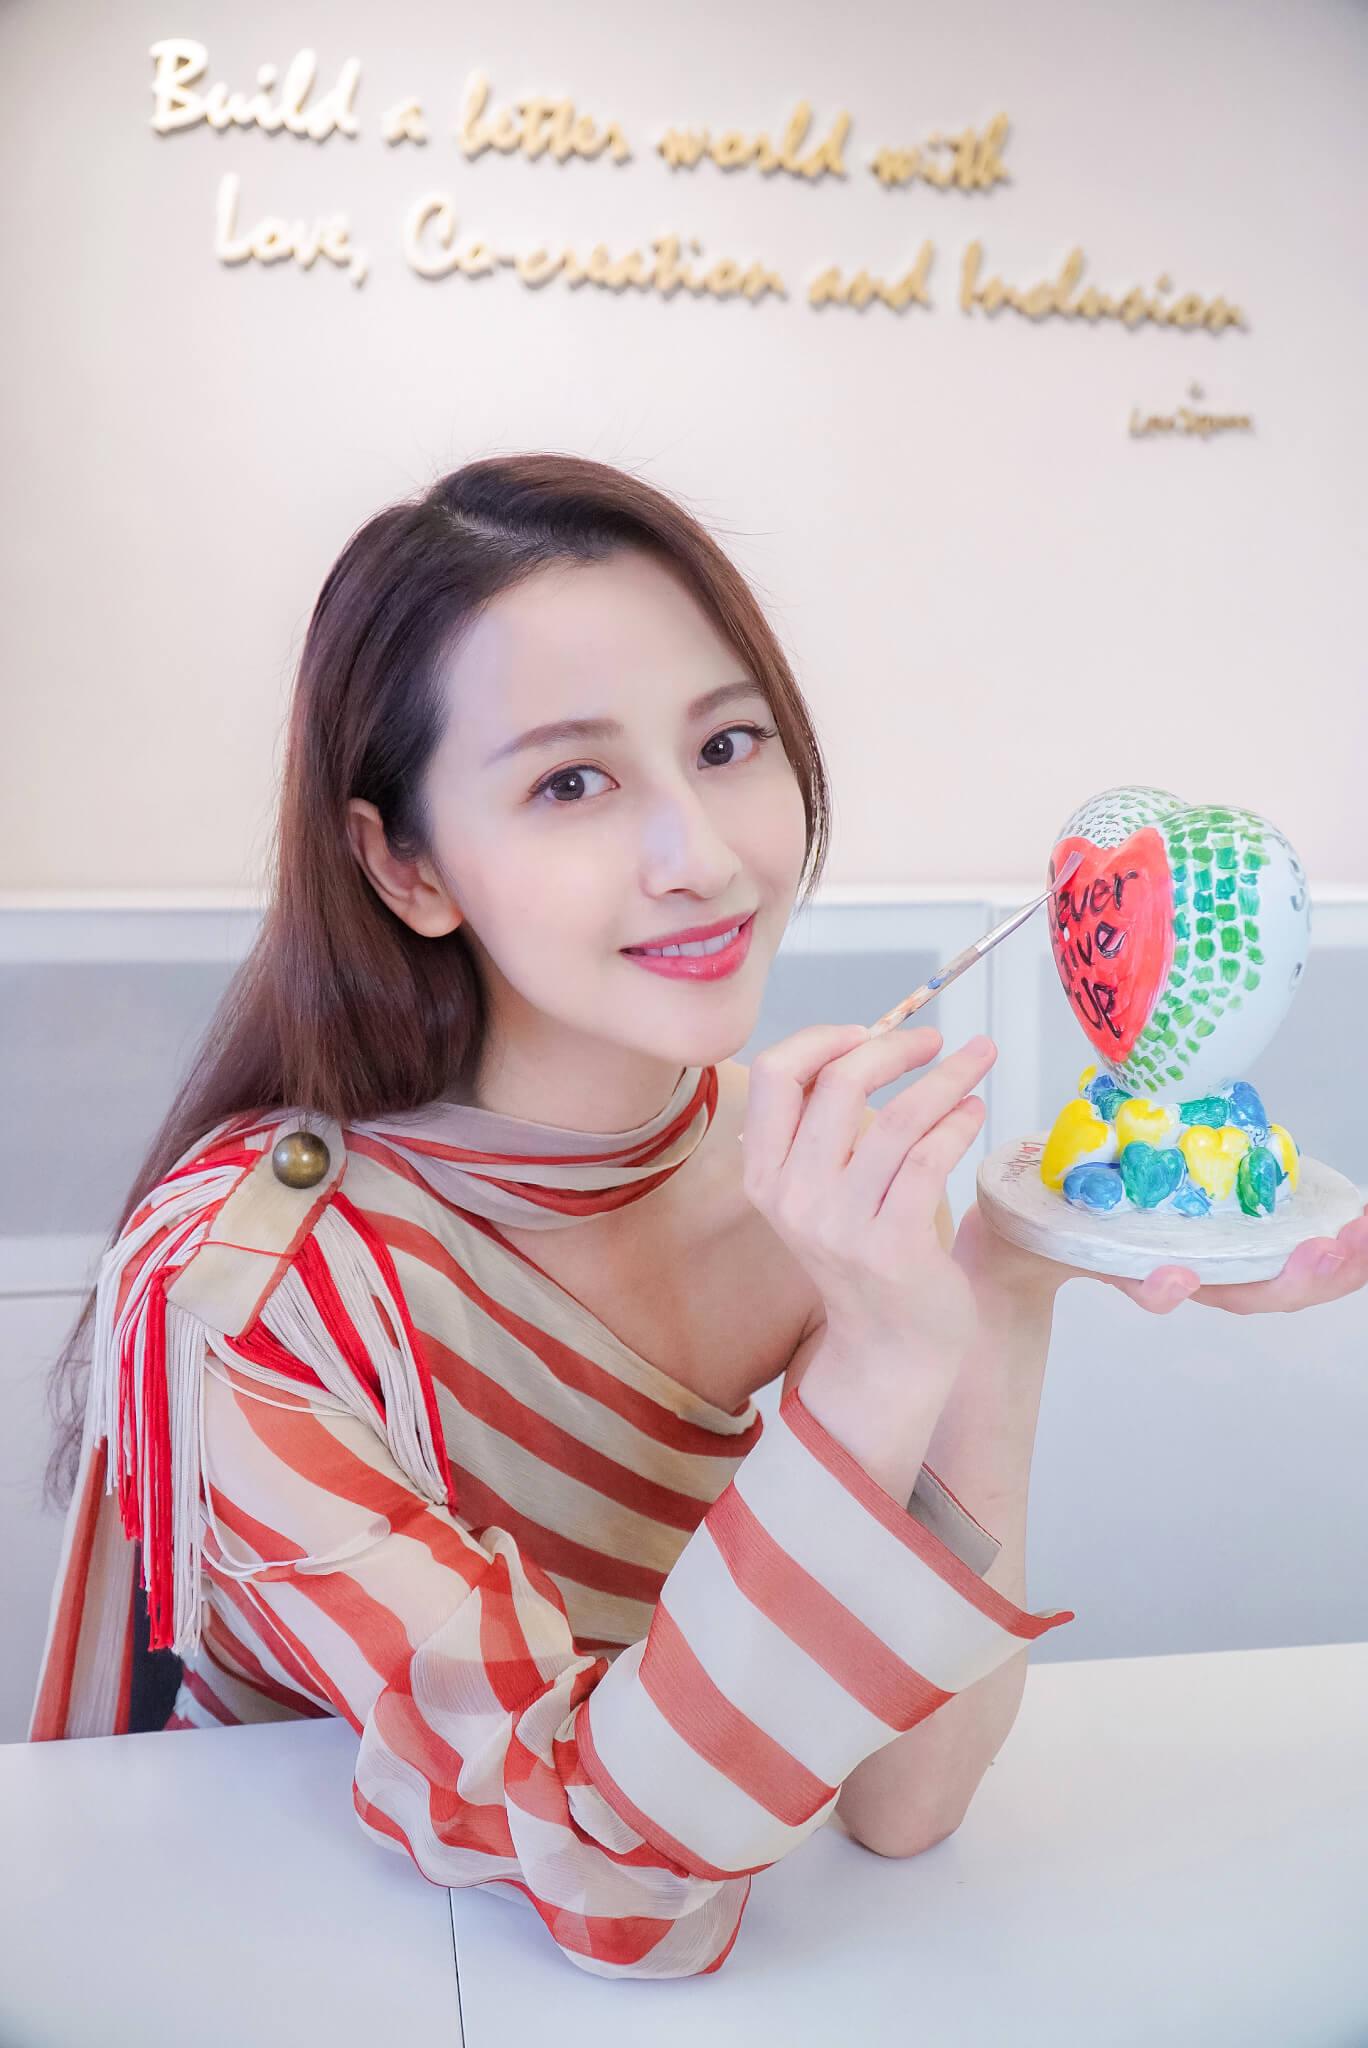 近年在內地一劇接一劇的陳雅麗,因疫情留在香港,但沒有浪費時間,與Grace一起為LoveXpress做義工。